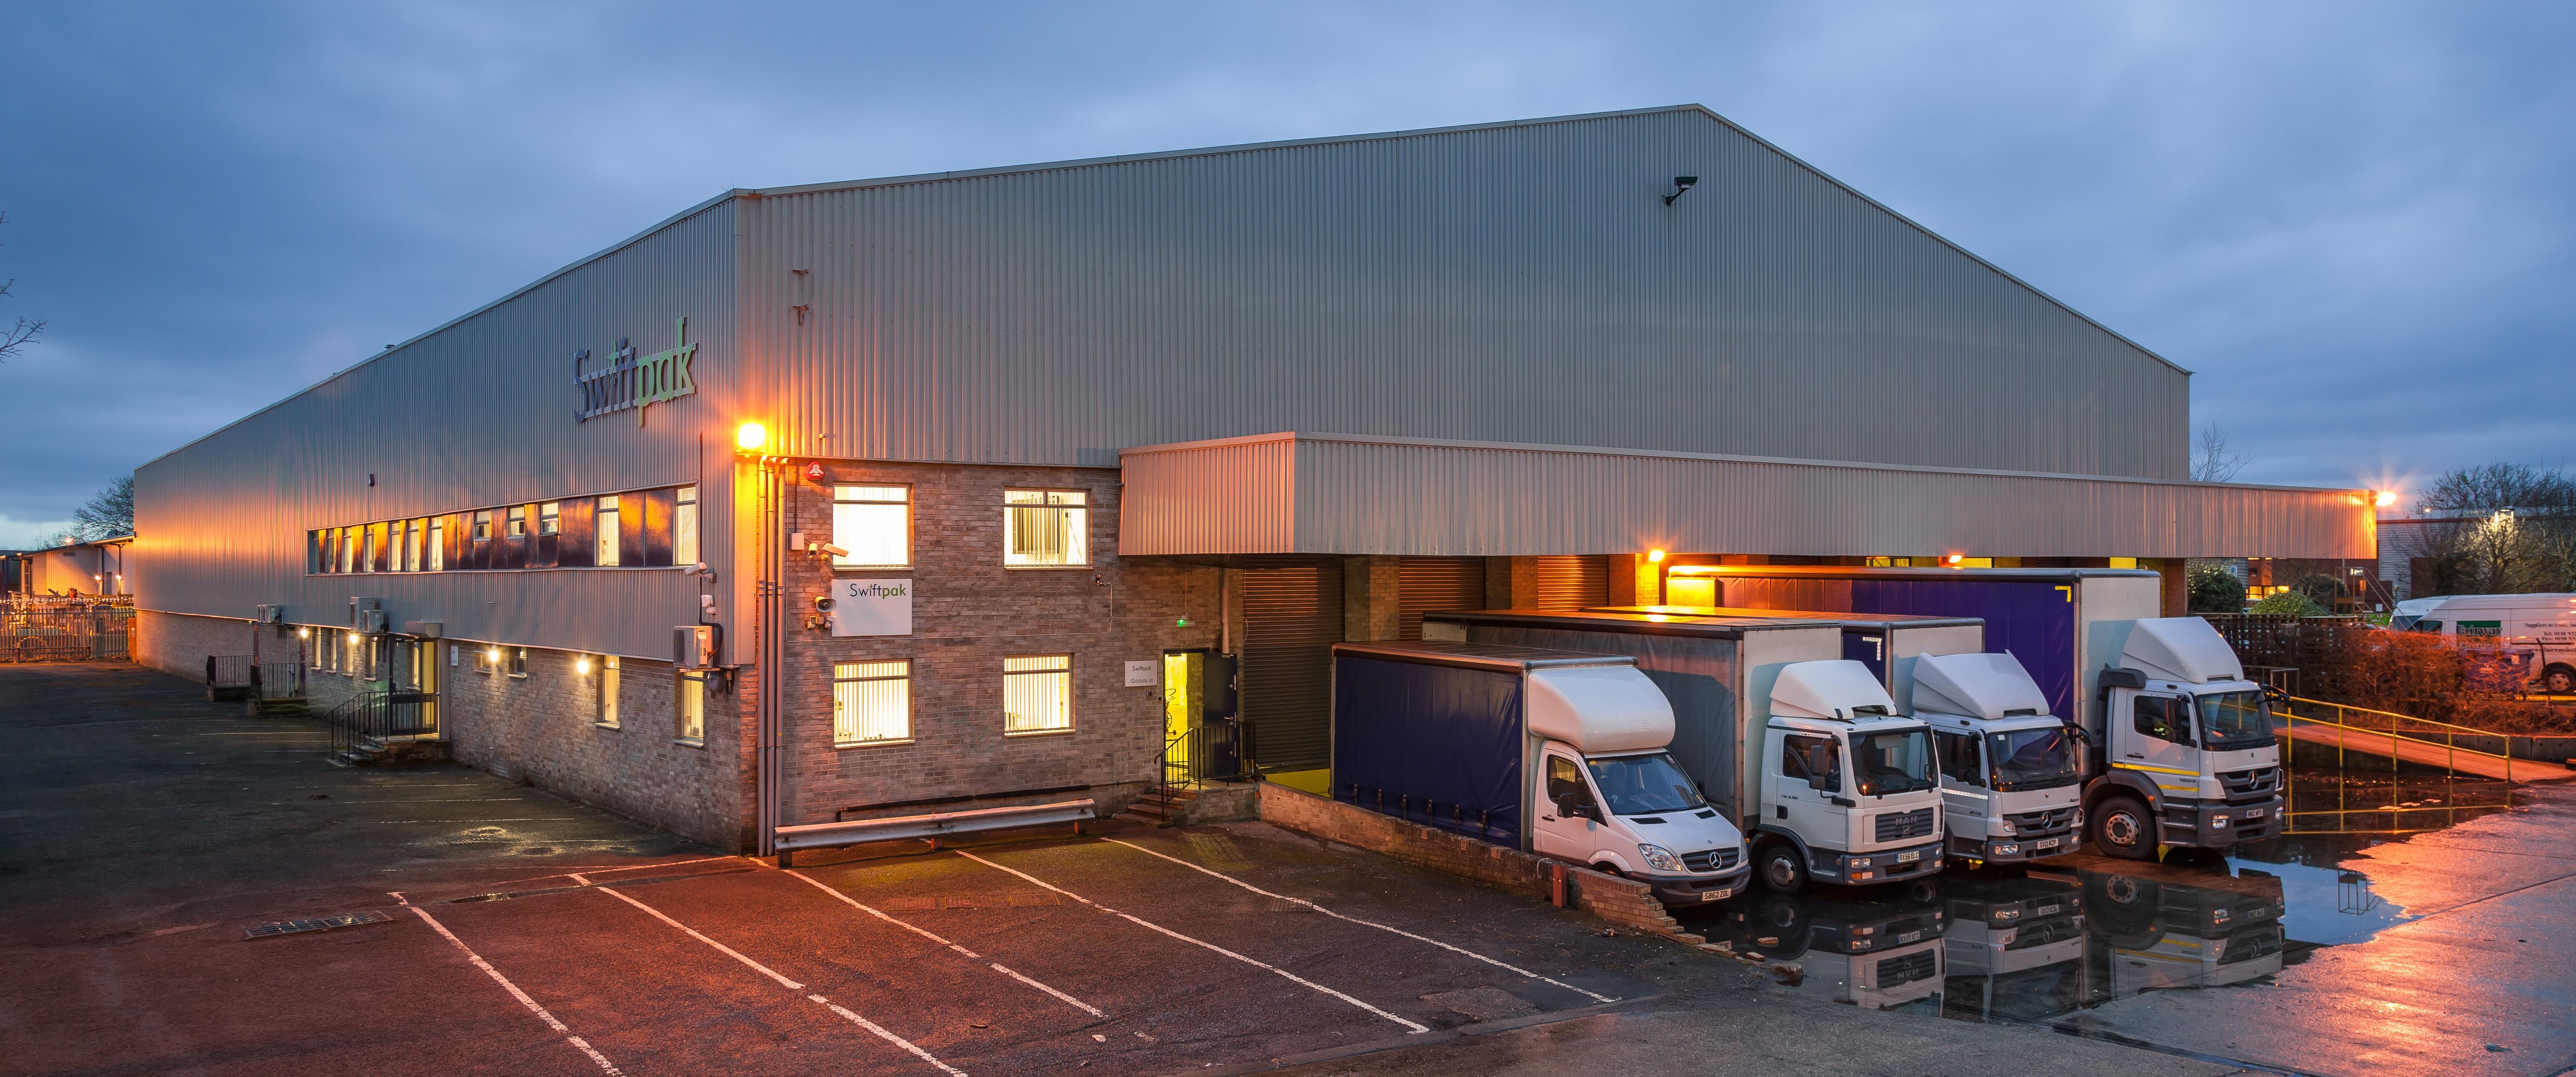 Swiftpak Warehouse